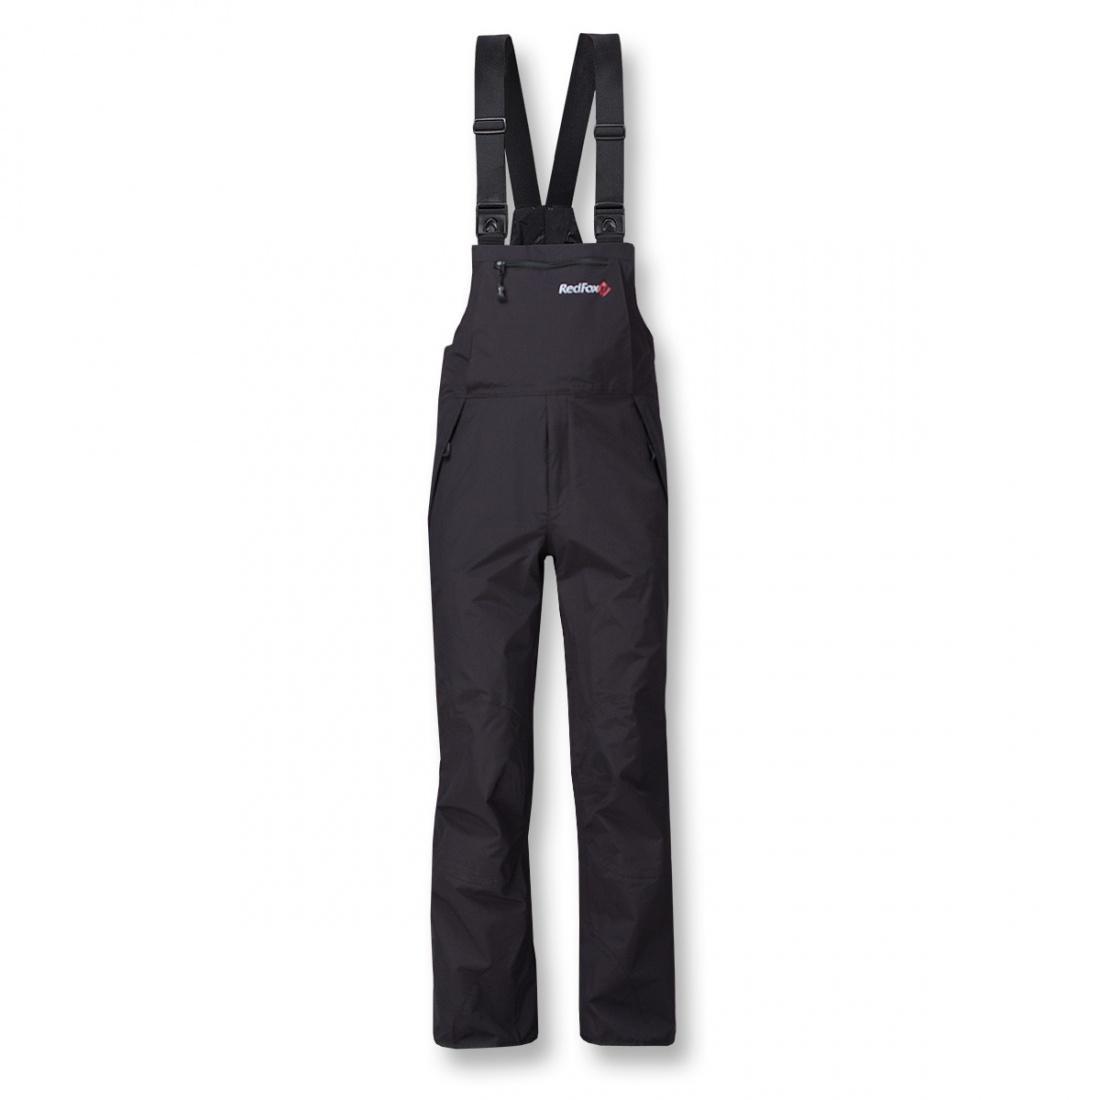 Брюки ветрозащитные Mont BlancБрюки, штаны<br>Штормовой полукомбинезон из серия Mountain Sport. Разъемные двухзамковые молнии по всей длине боковых швов позволят снять и надеть полукомбинезон, не снимая обуви.  <br> <br><br>Материал – Dry Factor 1000.<br>Проклеенные швы.<br>&lt;li...<br><br>Цвет: Черный<br>Размер: 42